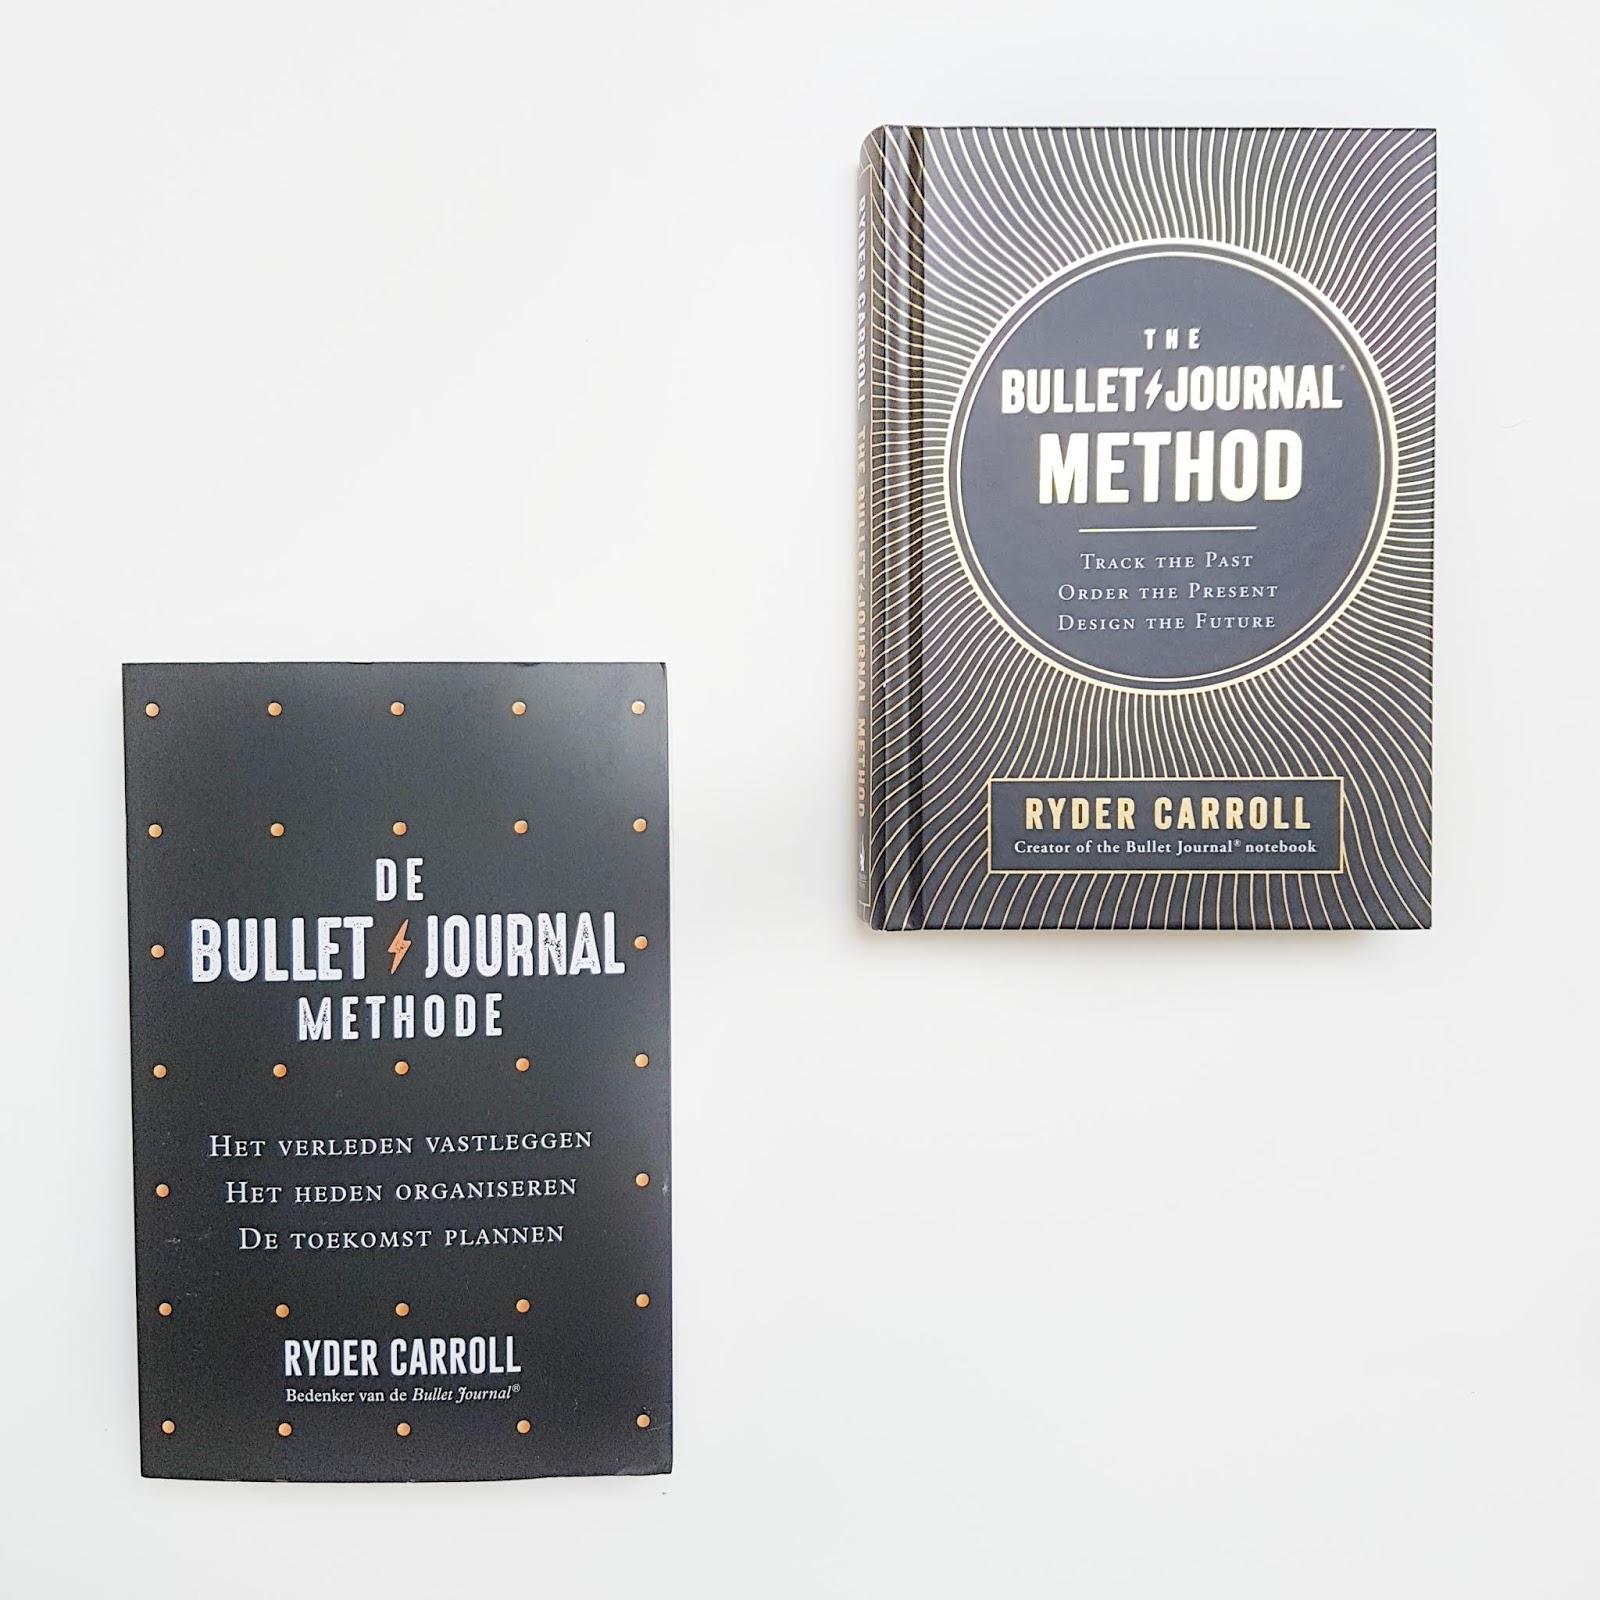 Waarom Dit Boek: 5 Redenen Waarom Je The Bullet Journal Method Moet Lezen